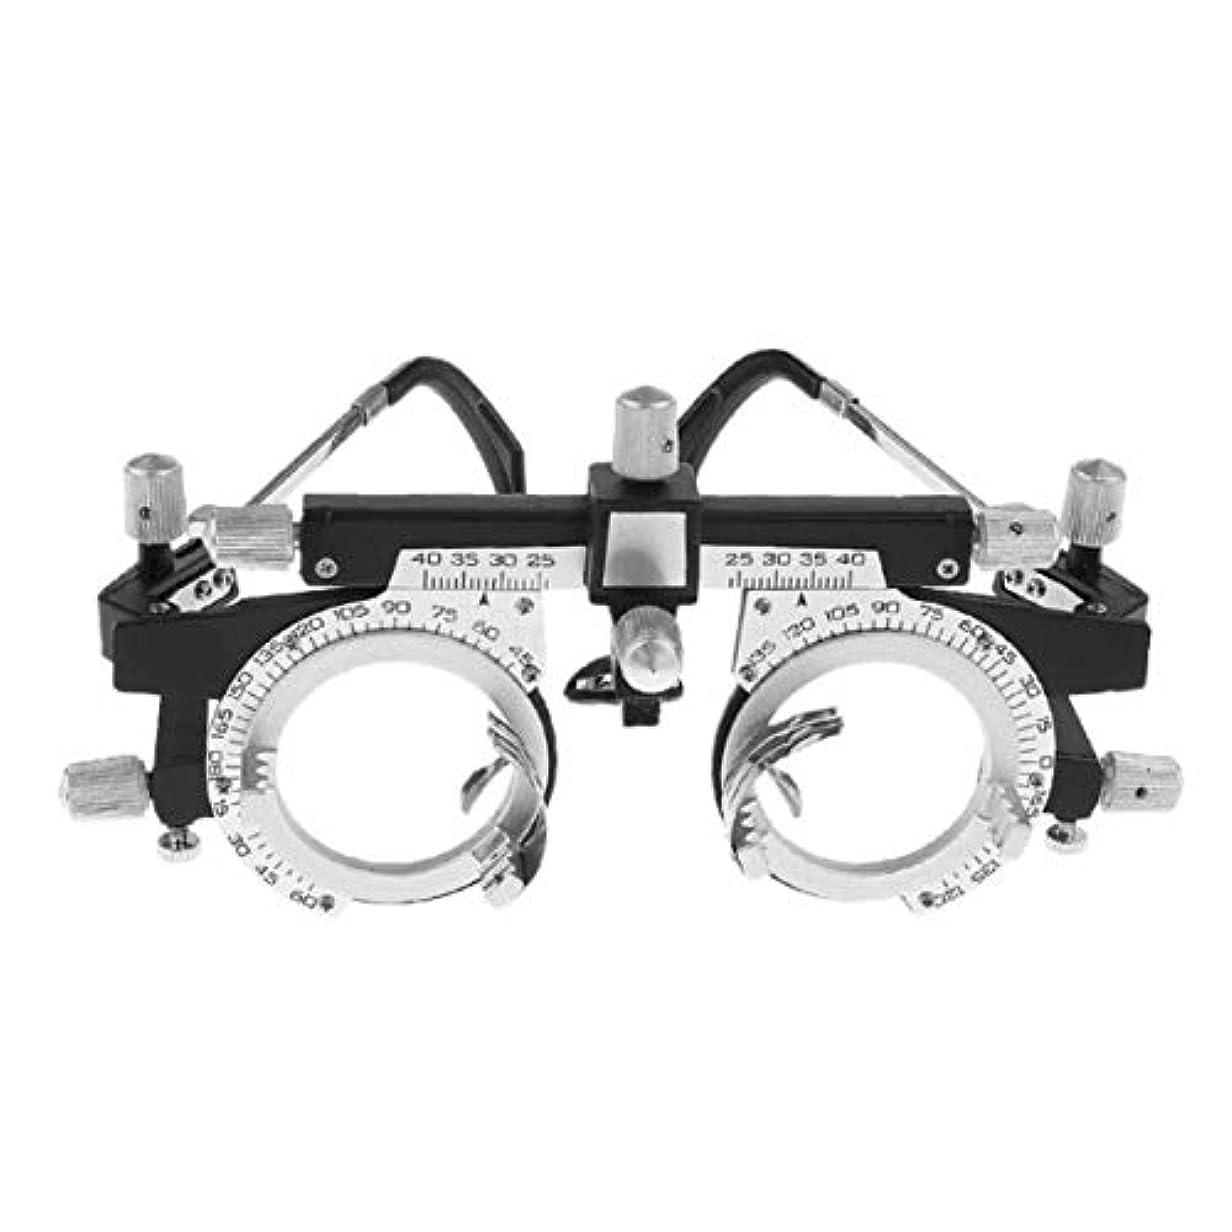 Birdlantern調節可能なプロフェッショナルアイウェア検眼メタルフレームオプティカルオプティクストライアルレンズメタルフレームPDメガネアクセサリー